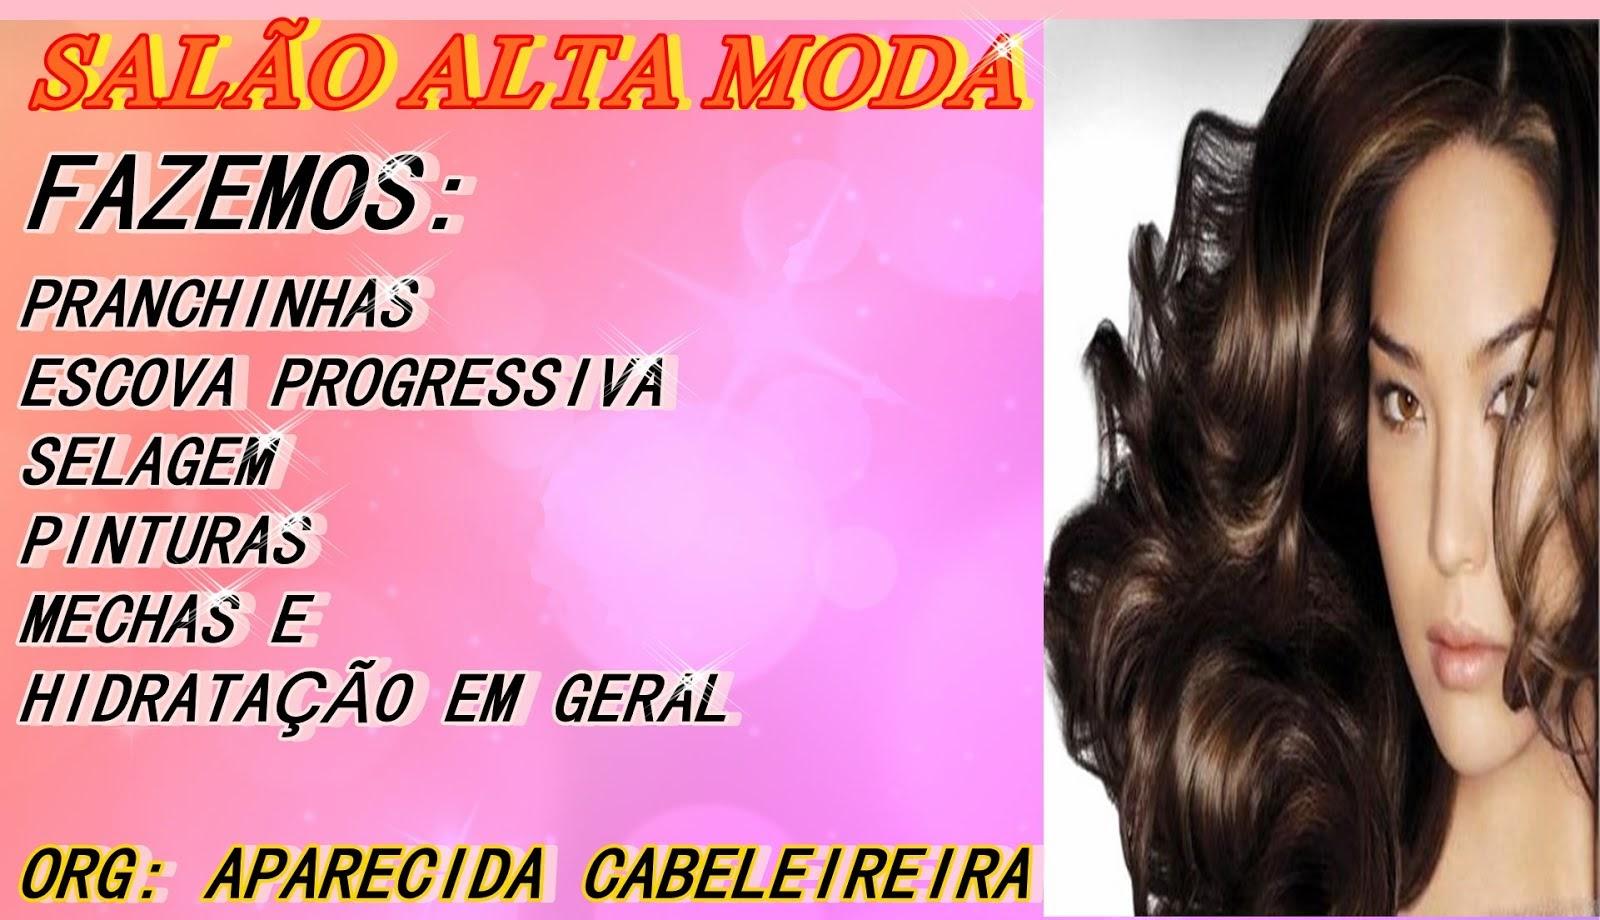 SALÃO ALTA MODA